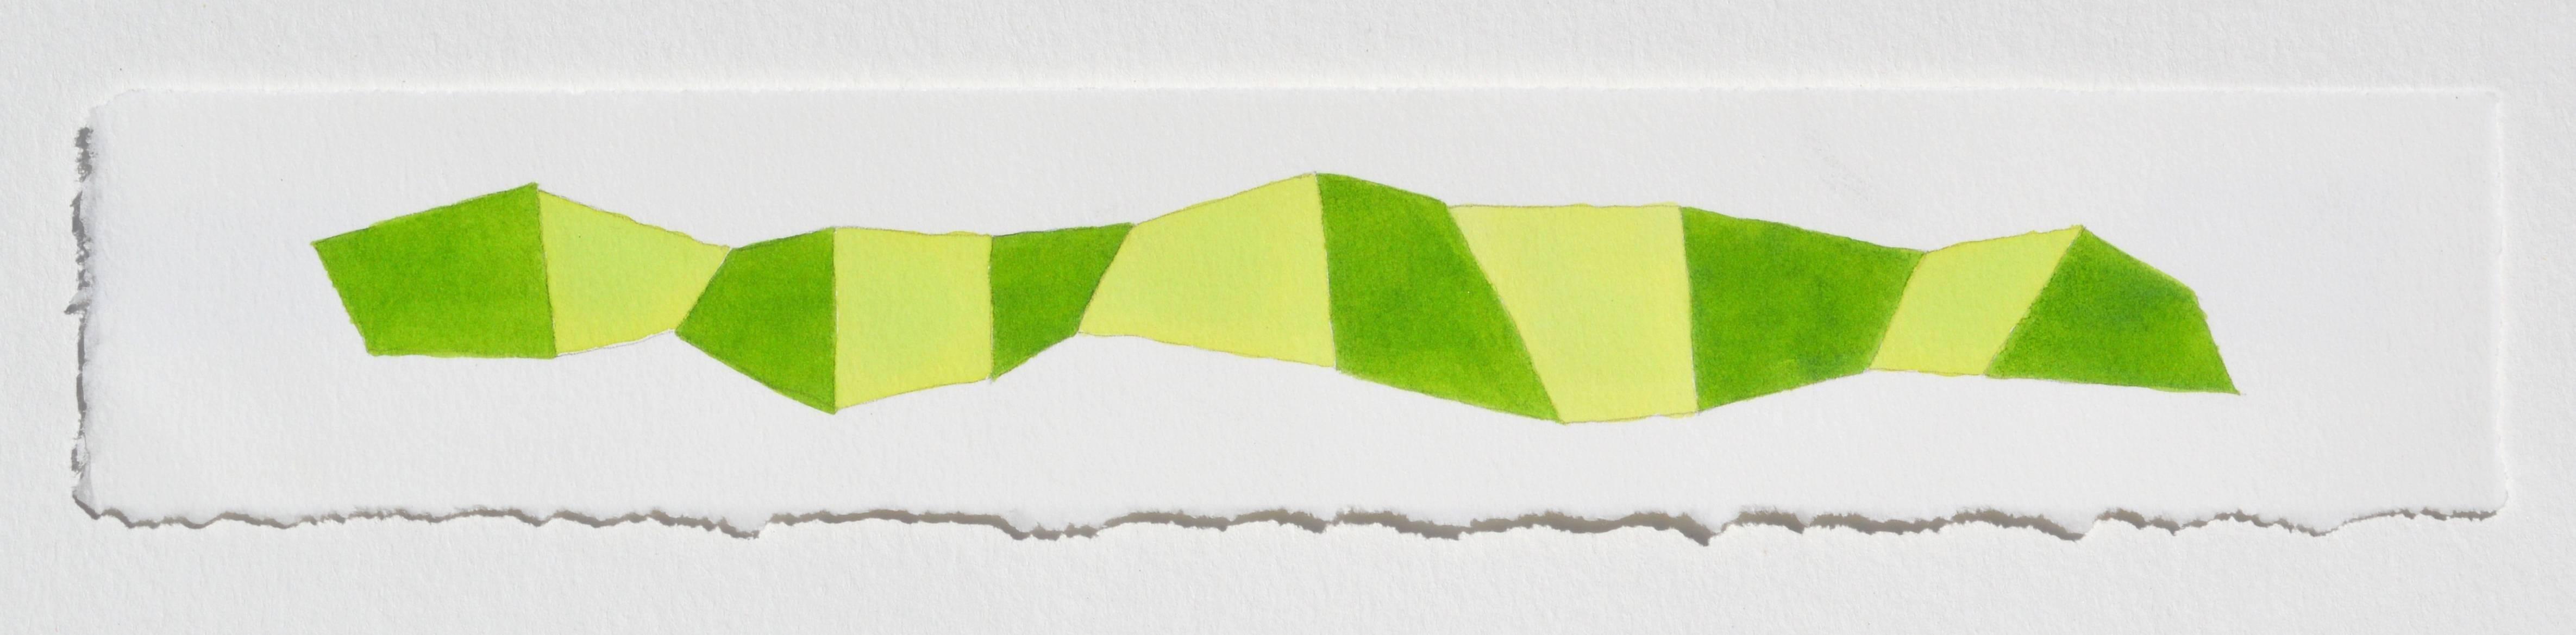 Karen Schiff, Word Snake, 2014, Watercolor, Rag Paper, Pencil